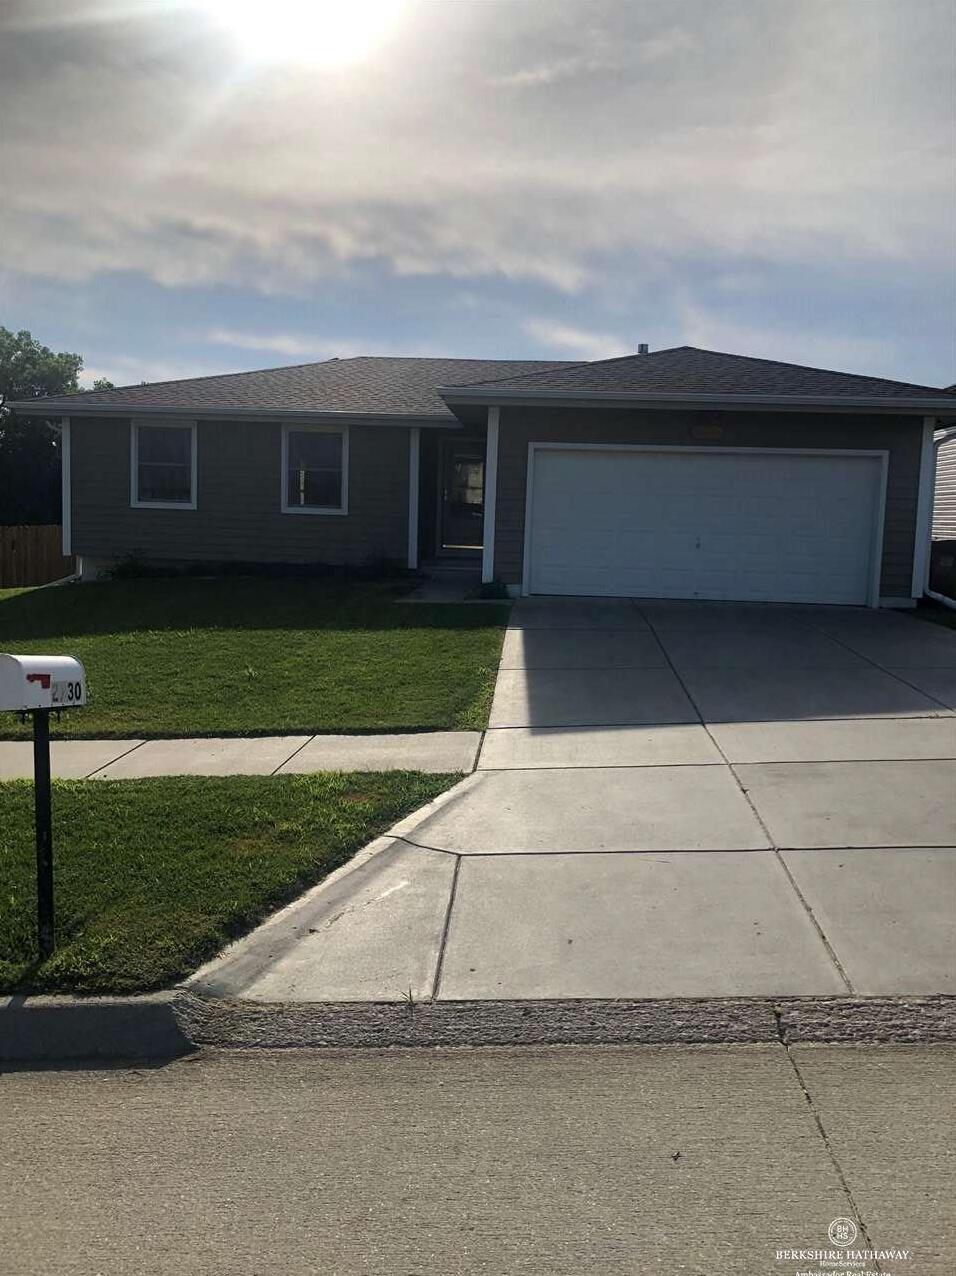 Photo of 2730 Dahlia Drive Lincoln NE 68524